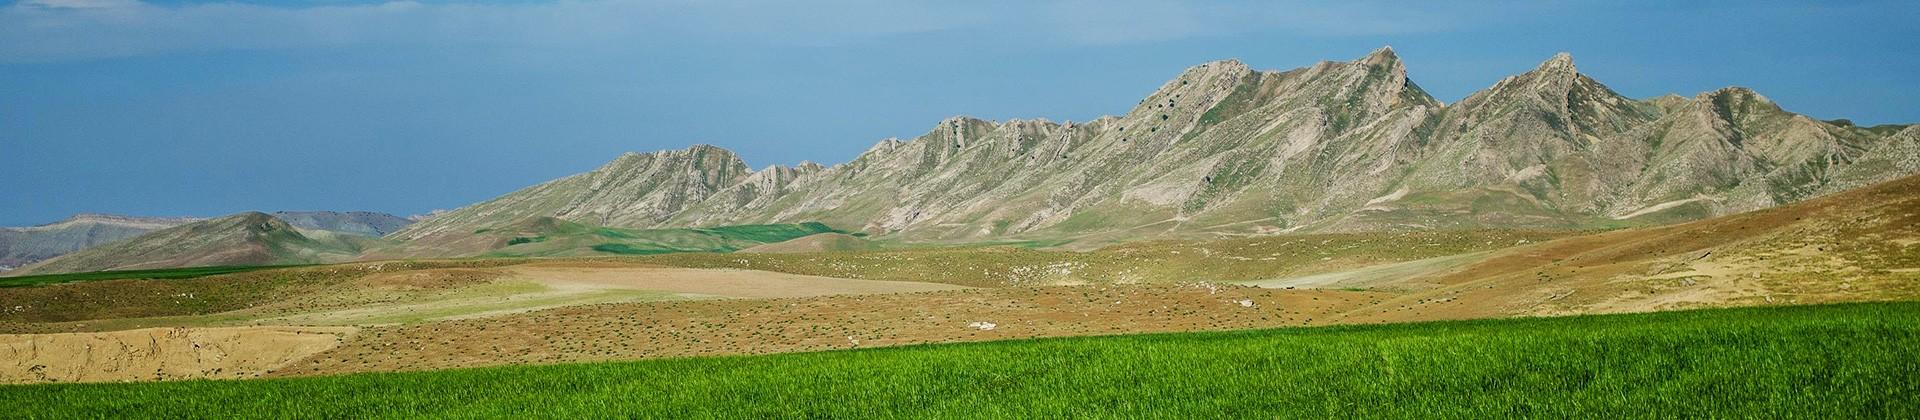 Peshagar Cave - 1